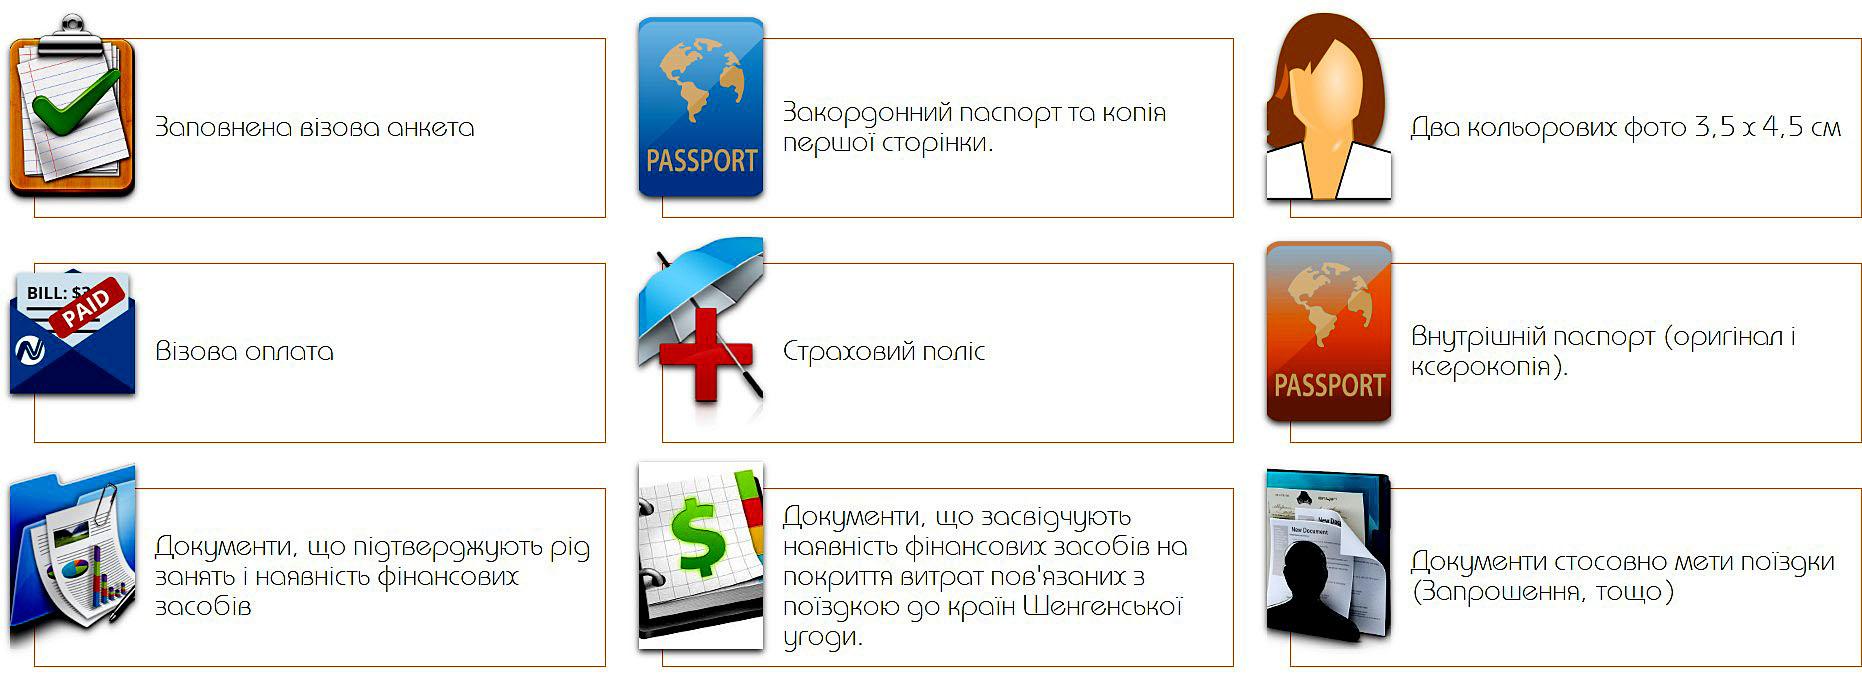 Документи для Шенгенської візи